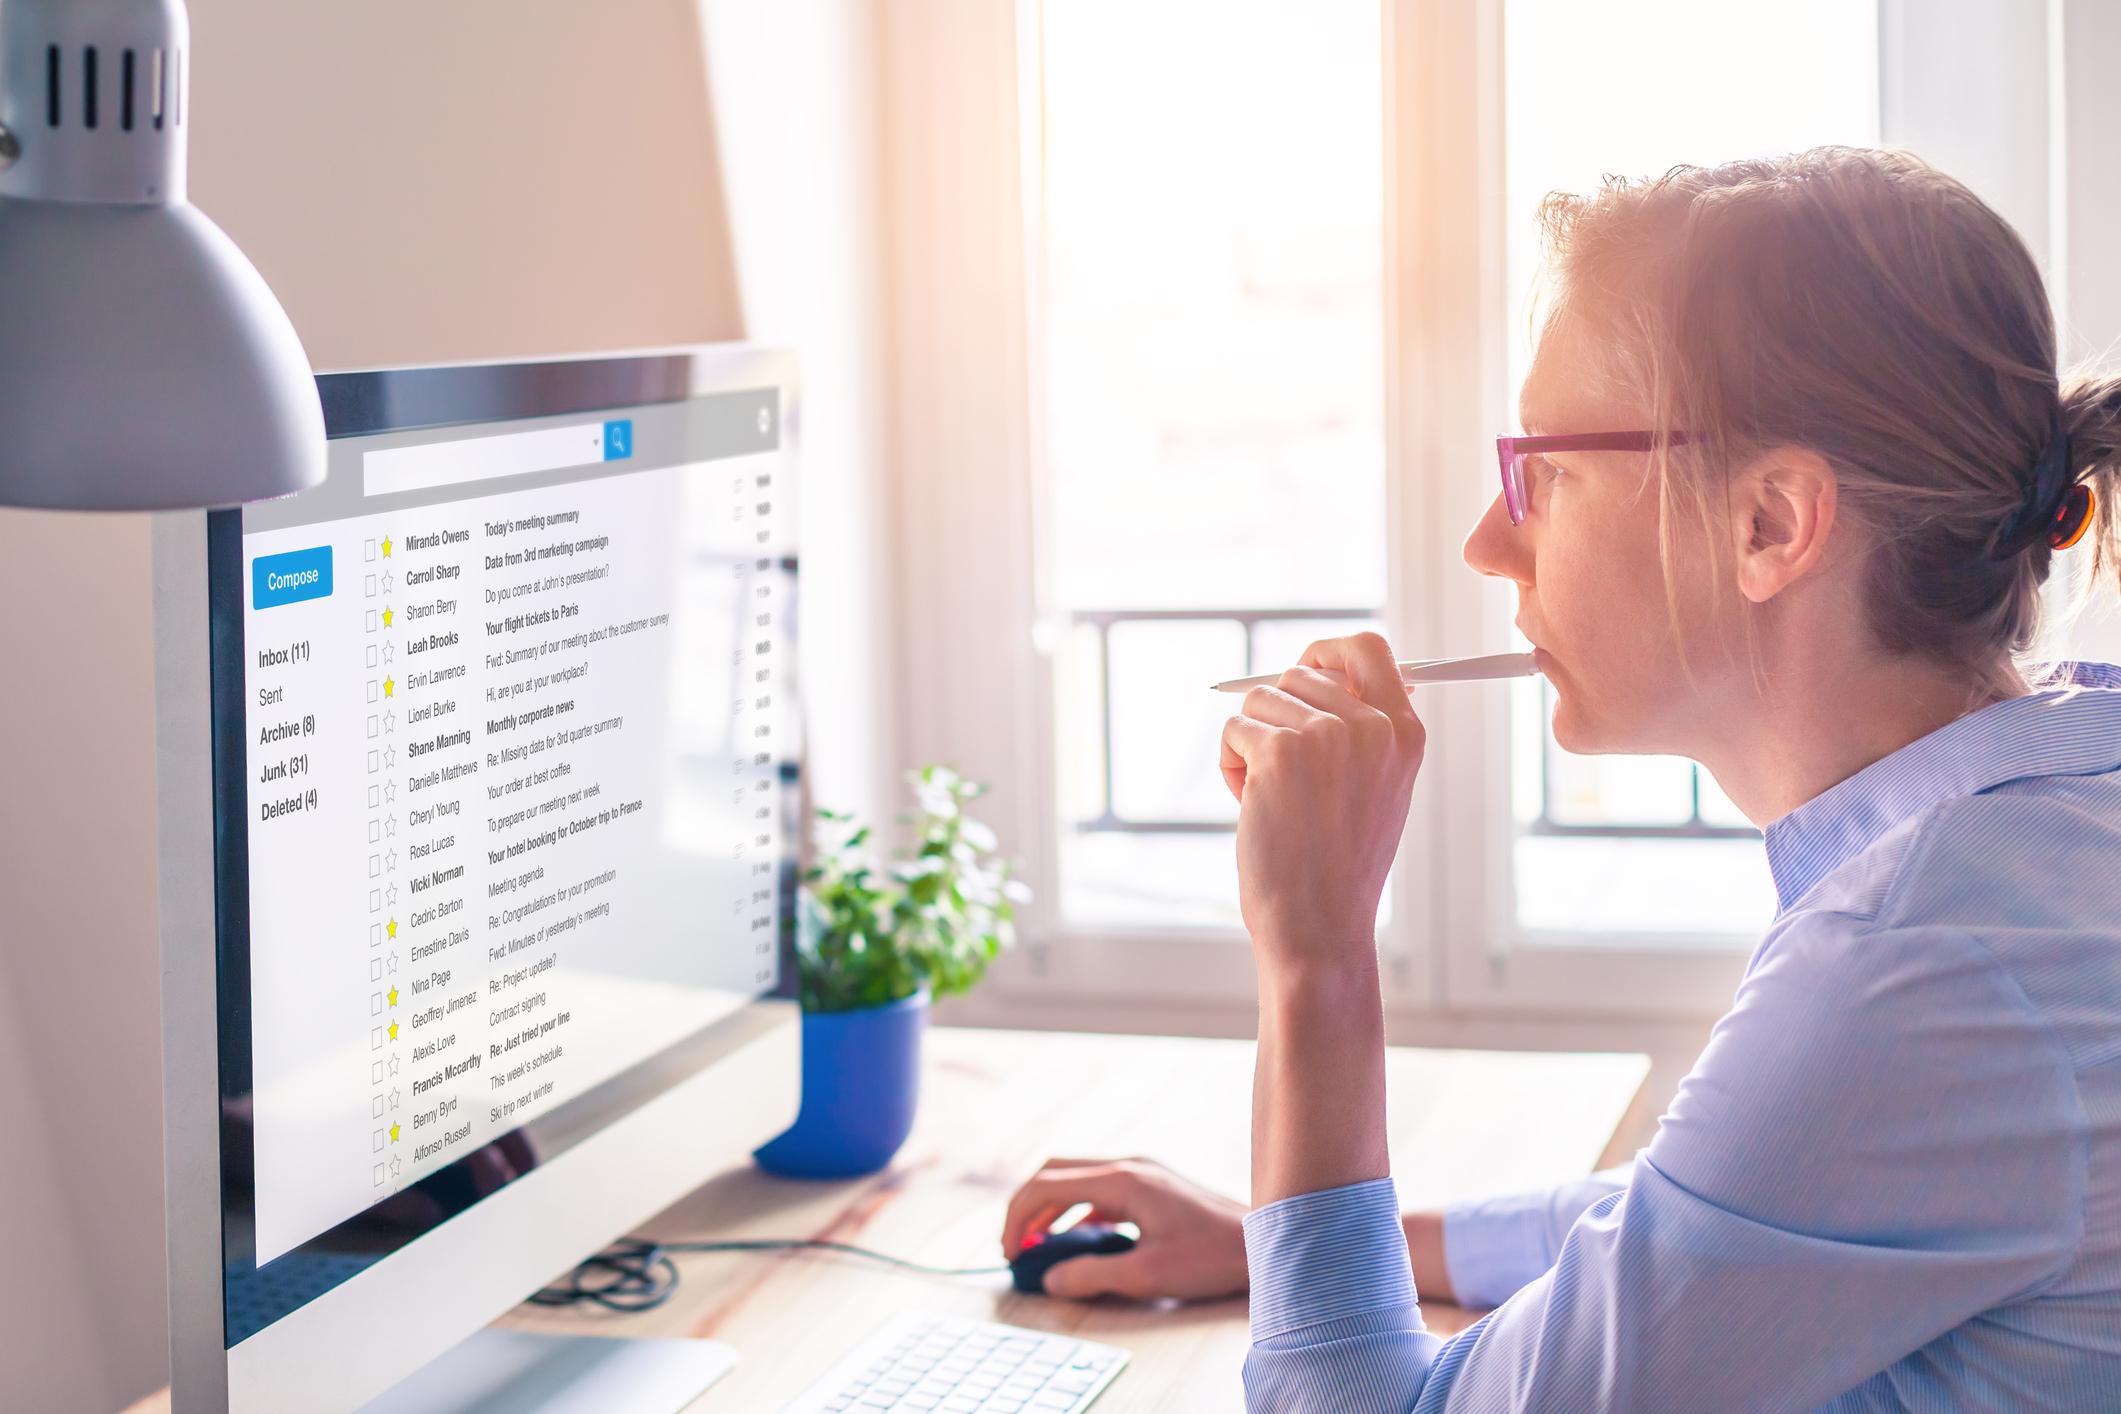 A woman at work at a computer.